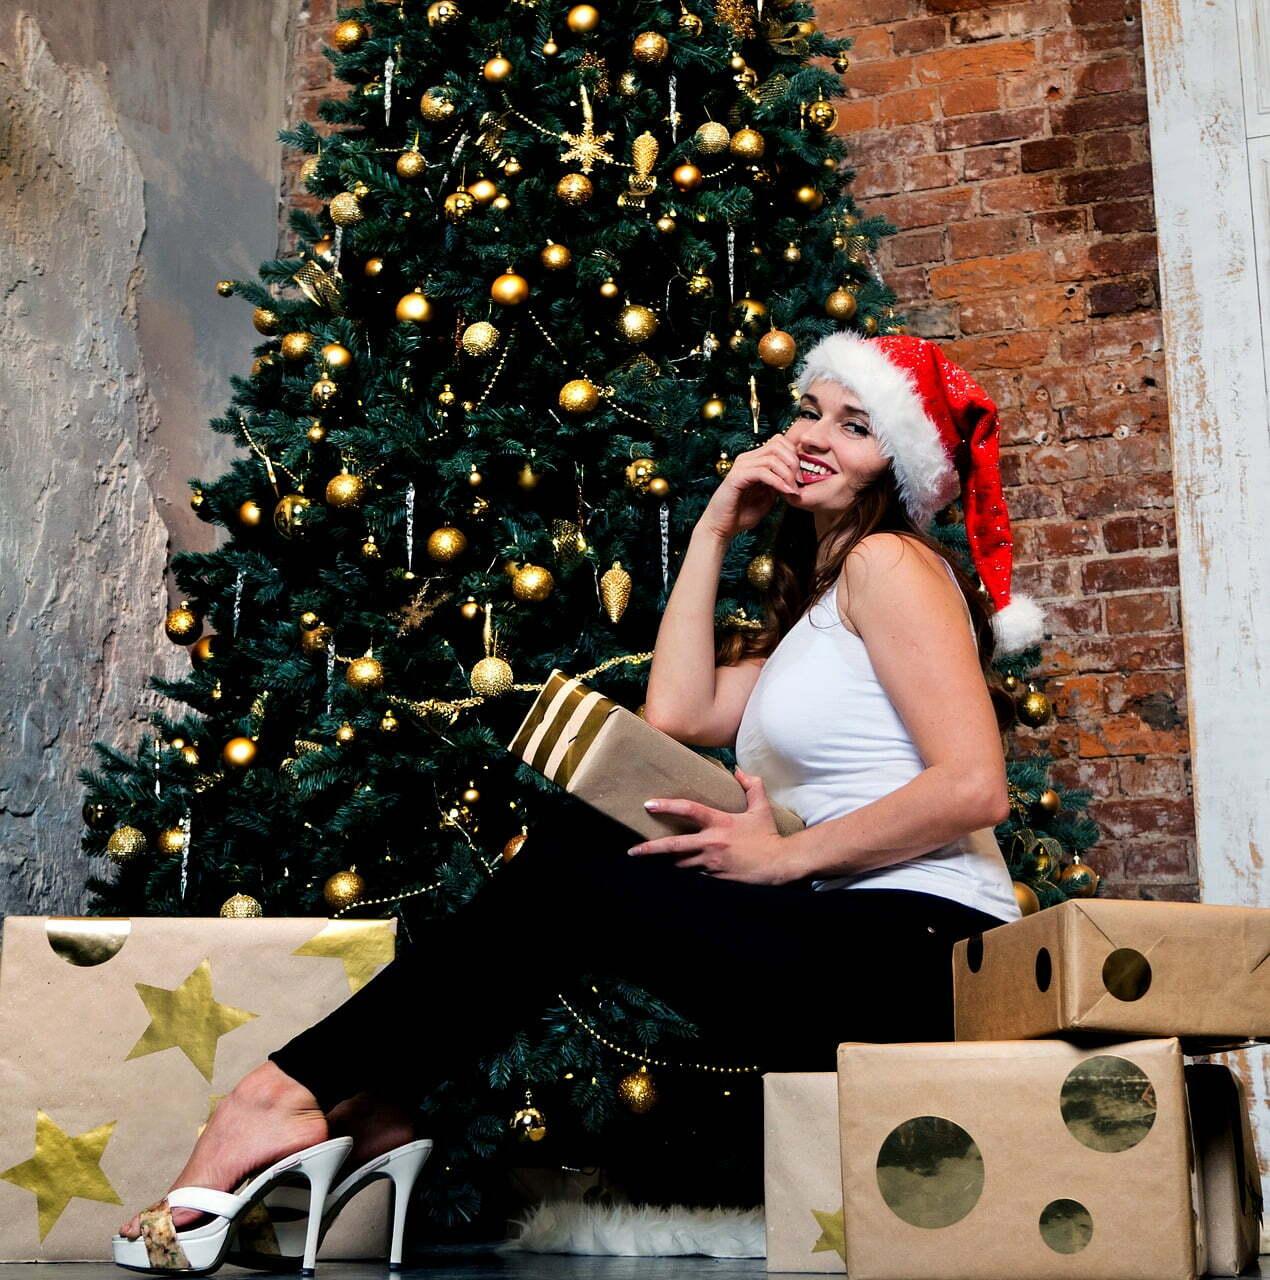 donna con regali di natale